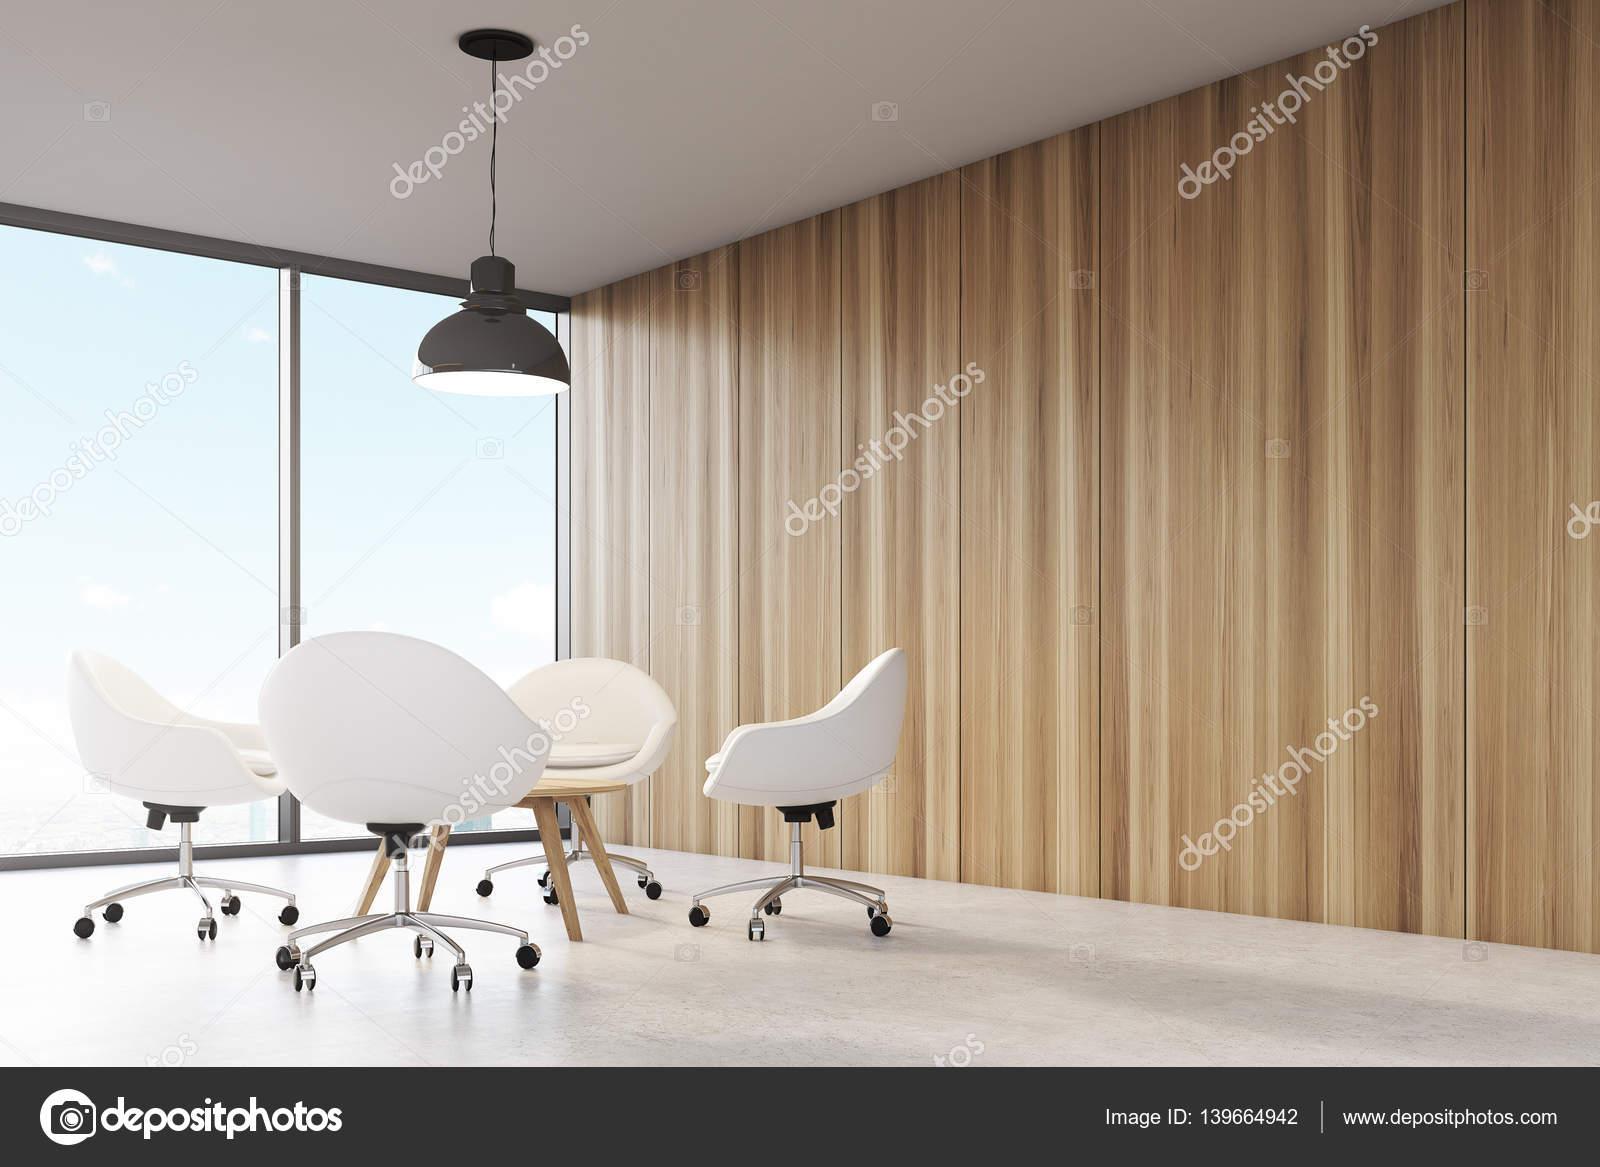 Kamer met houten wanden groot panoramisch raam een zwart plafond lamp hangend boven een tafel - Scheiden een kamer door een gordijn ...